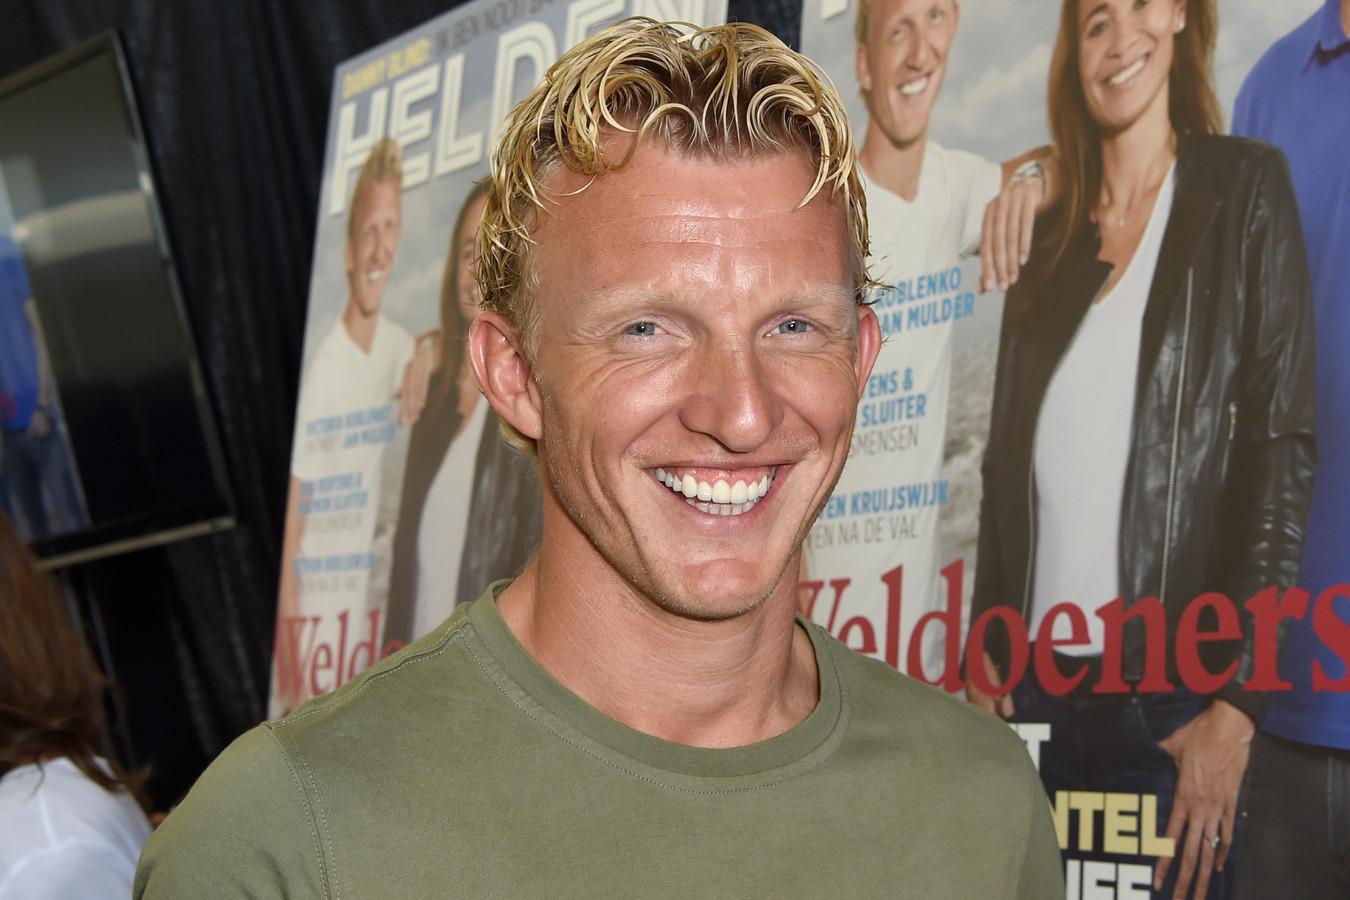 Beginnend coach Dirk Kuijt zoekt een club om zijn trainersloopbaan op te starten.